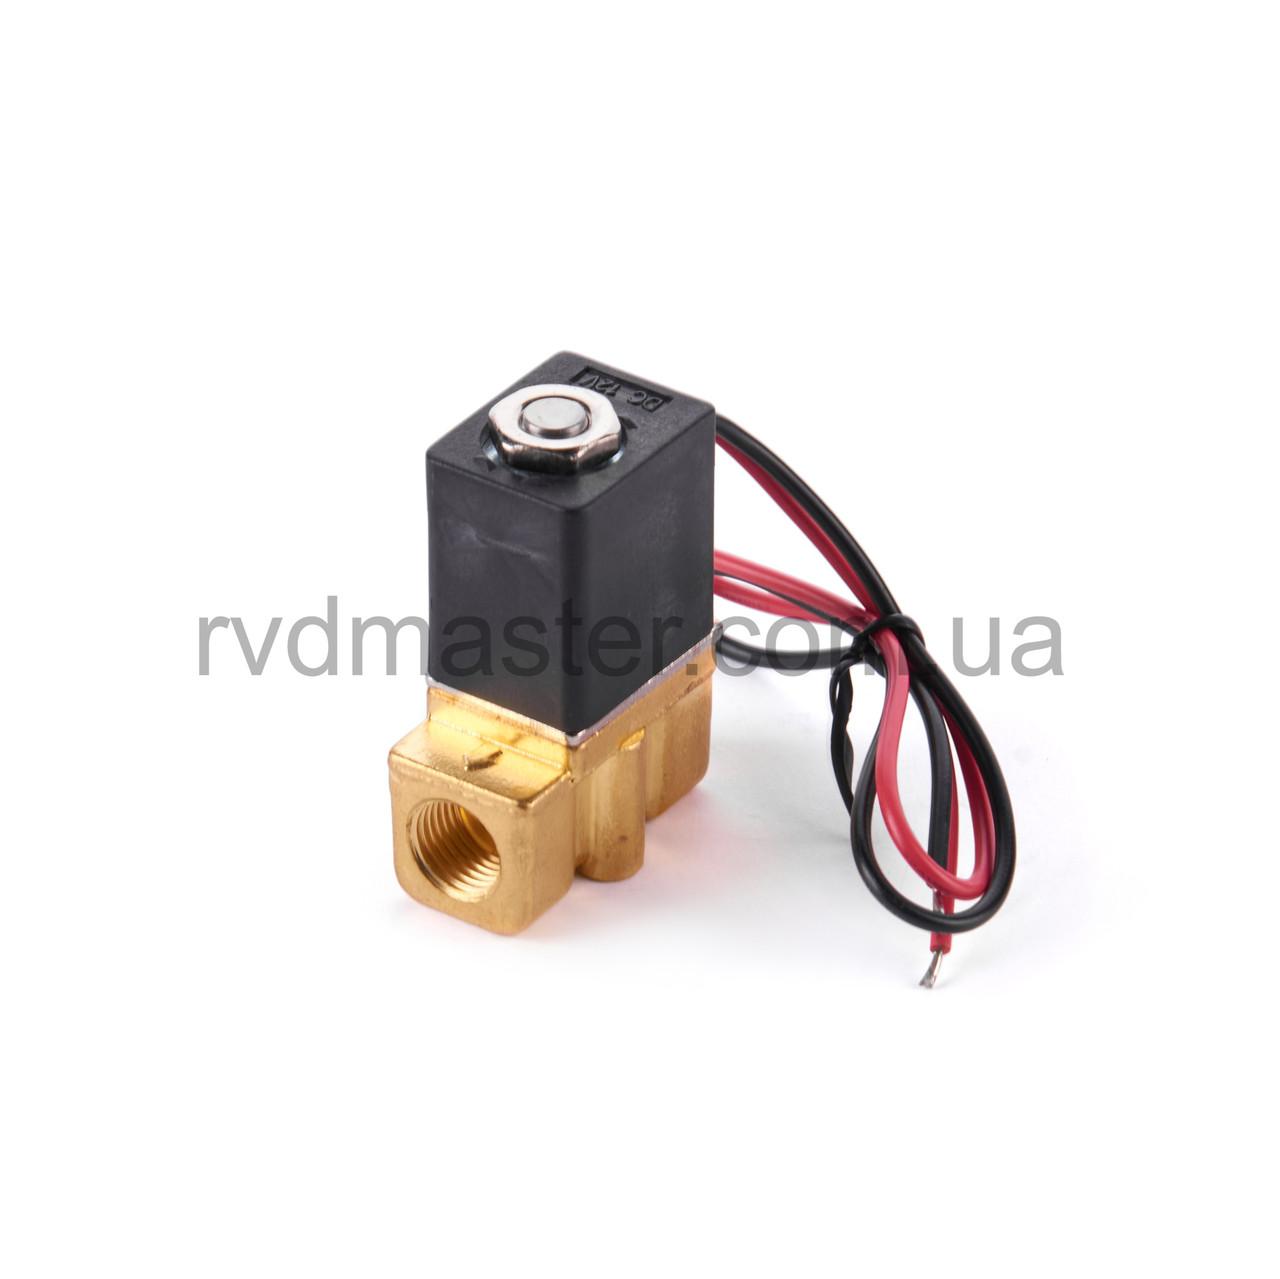 Клапан с электроприводом 2P-08-12V